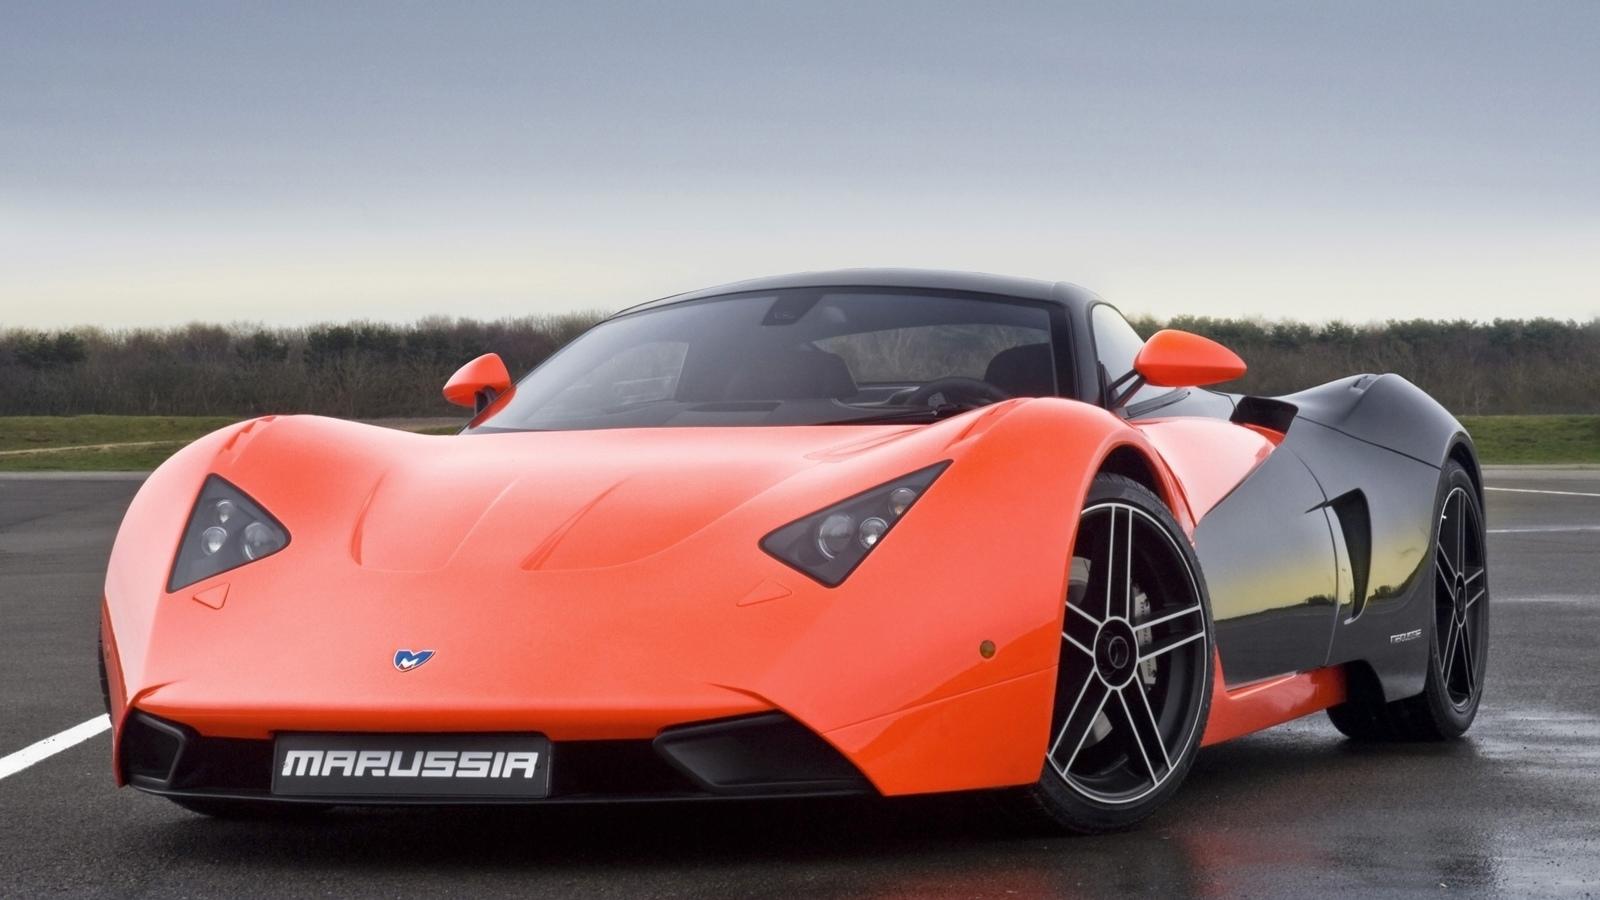 Быстрее, надежнее, мощнее: 5 спорткаров российского производства